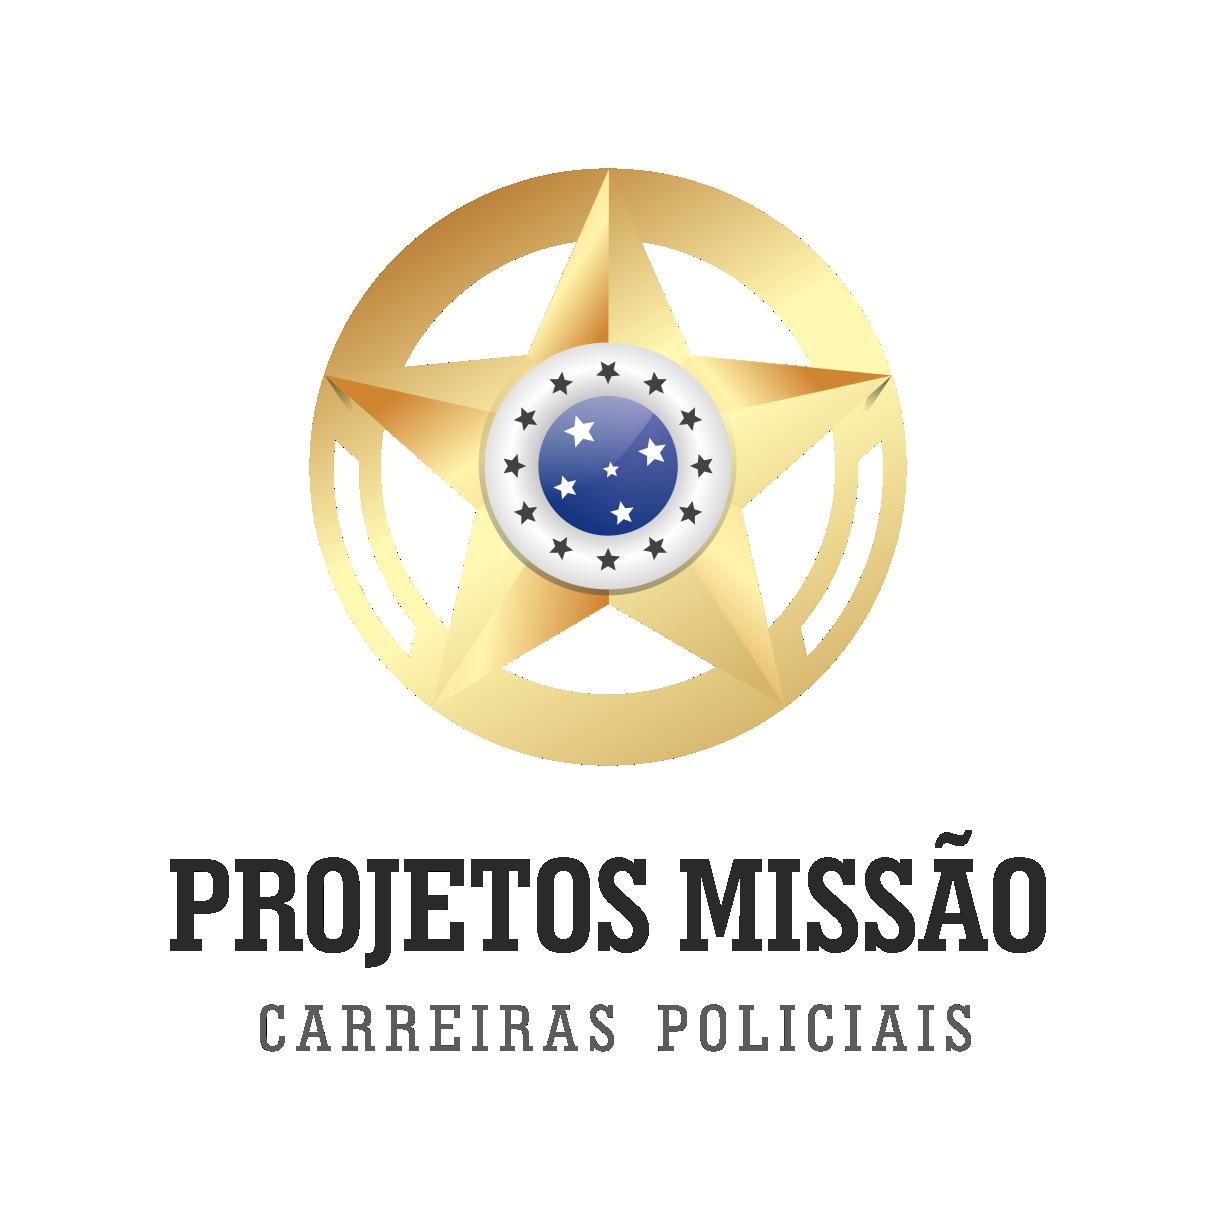 Logotipo Vertical - Projetos Missão - Fundo Transparente - Estrela transparente